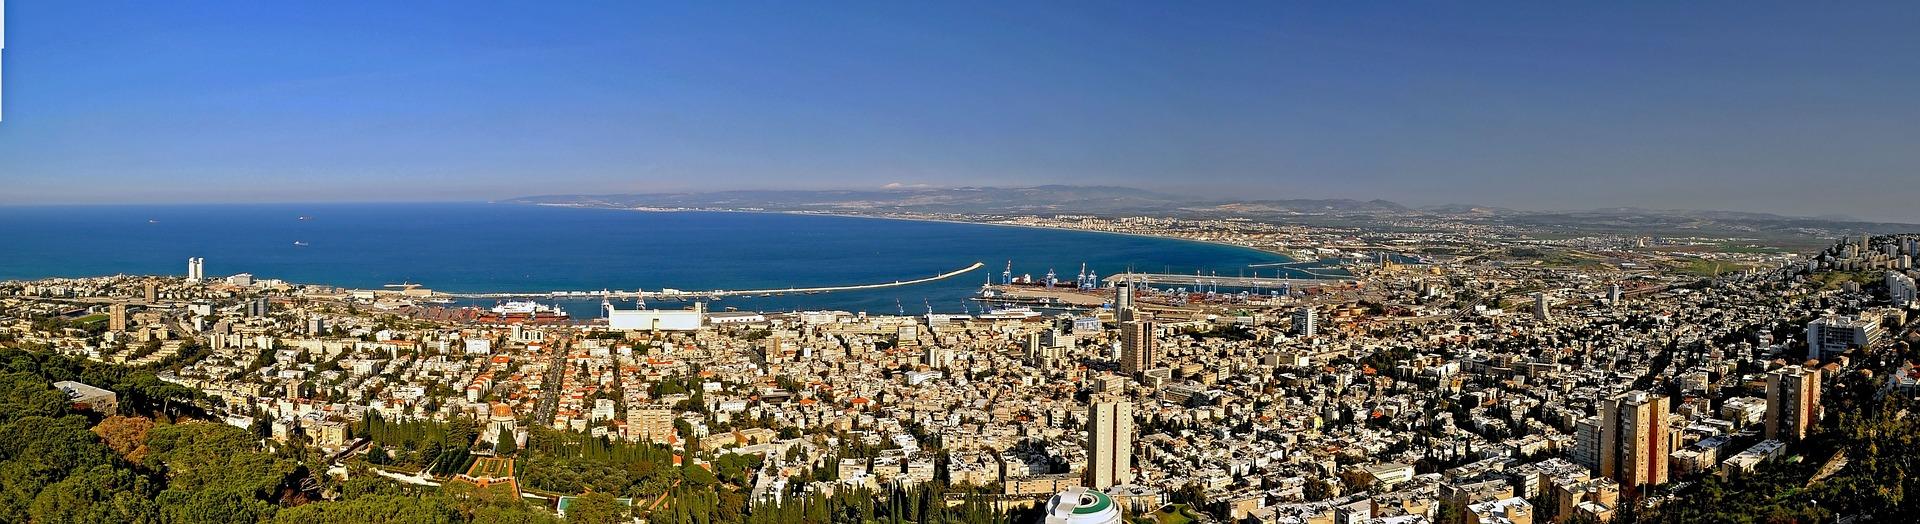 Hajfa - widok na miasto